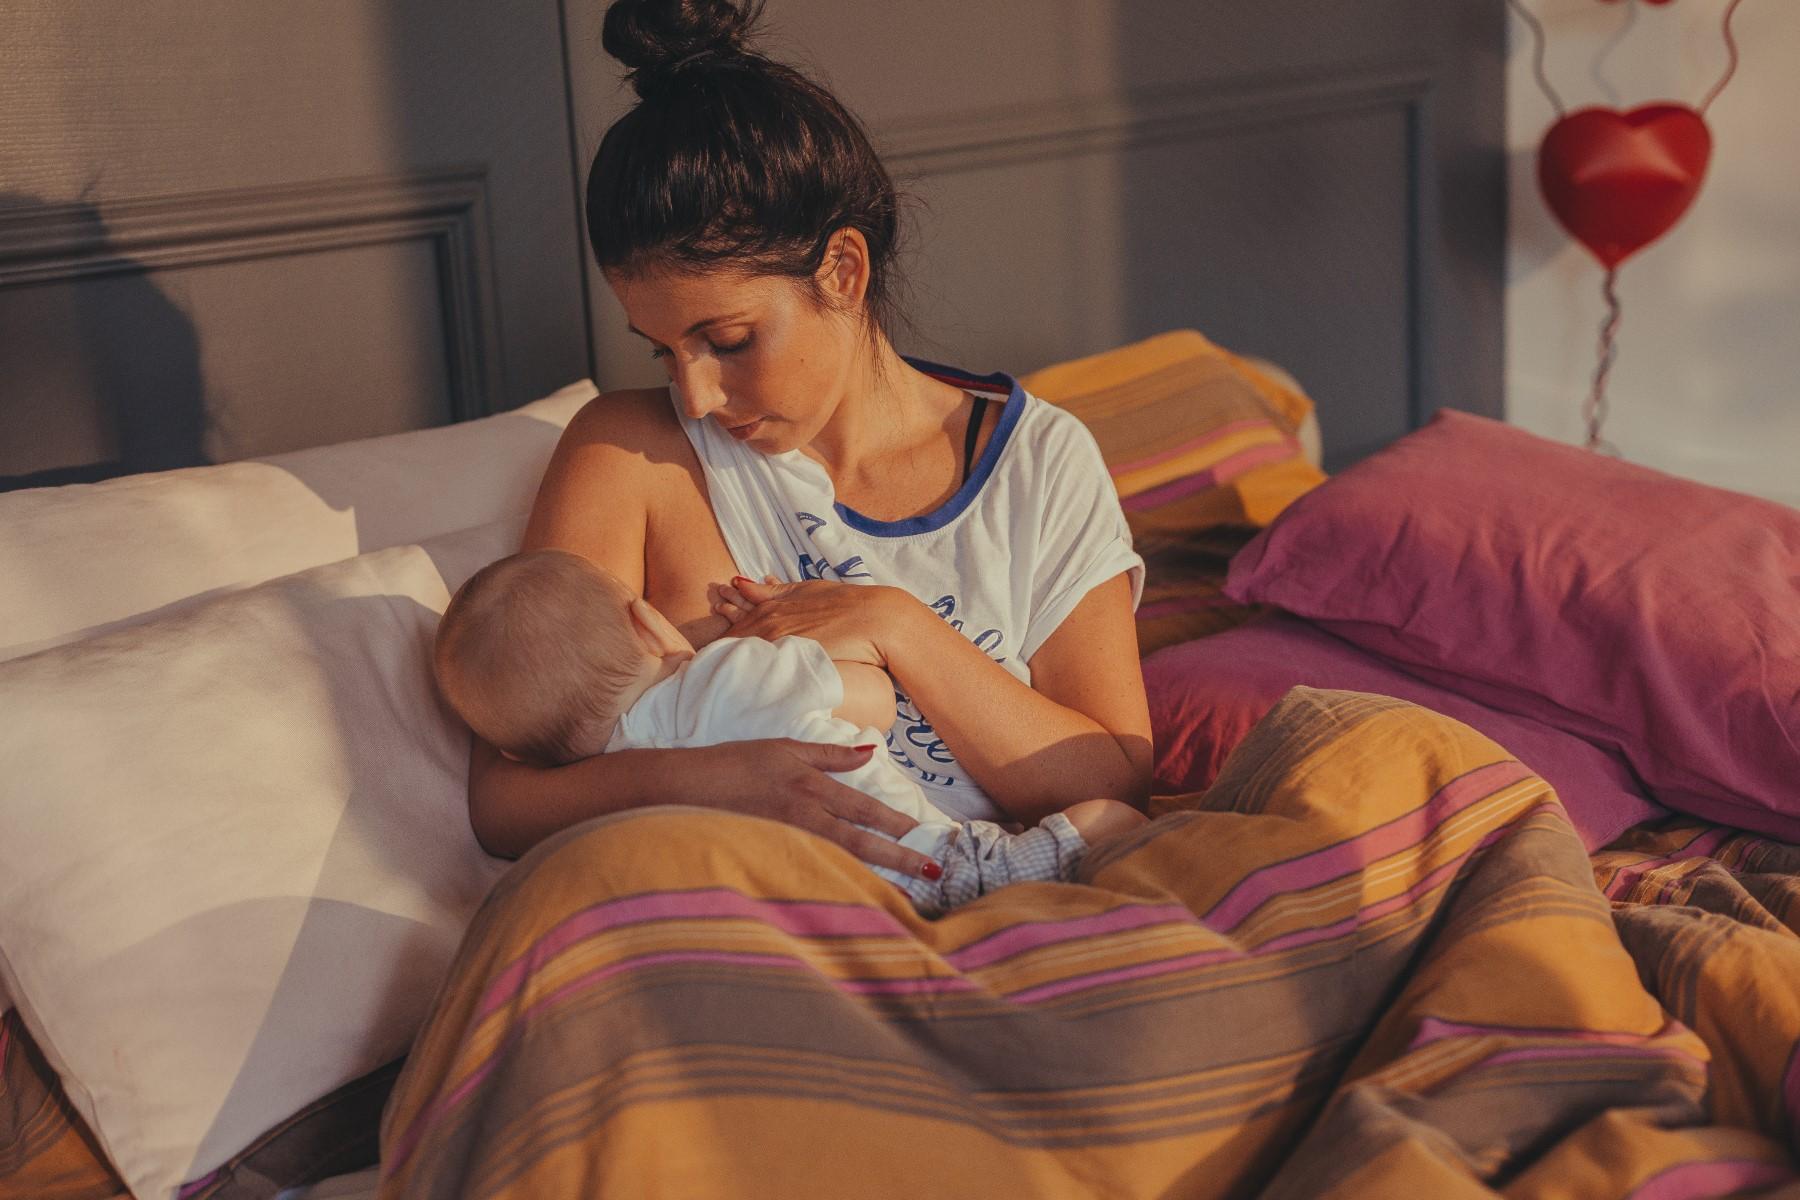 Le posizioni per allattare